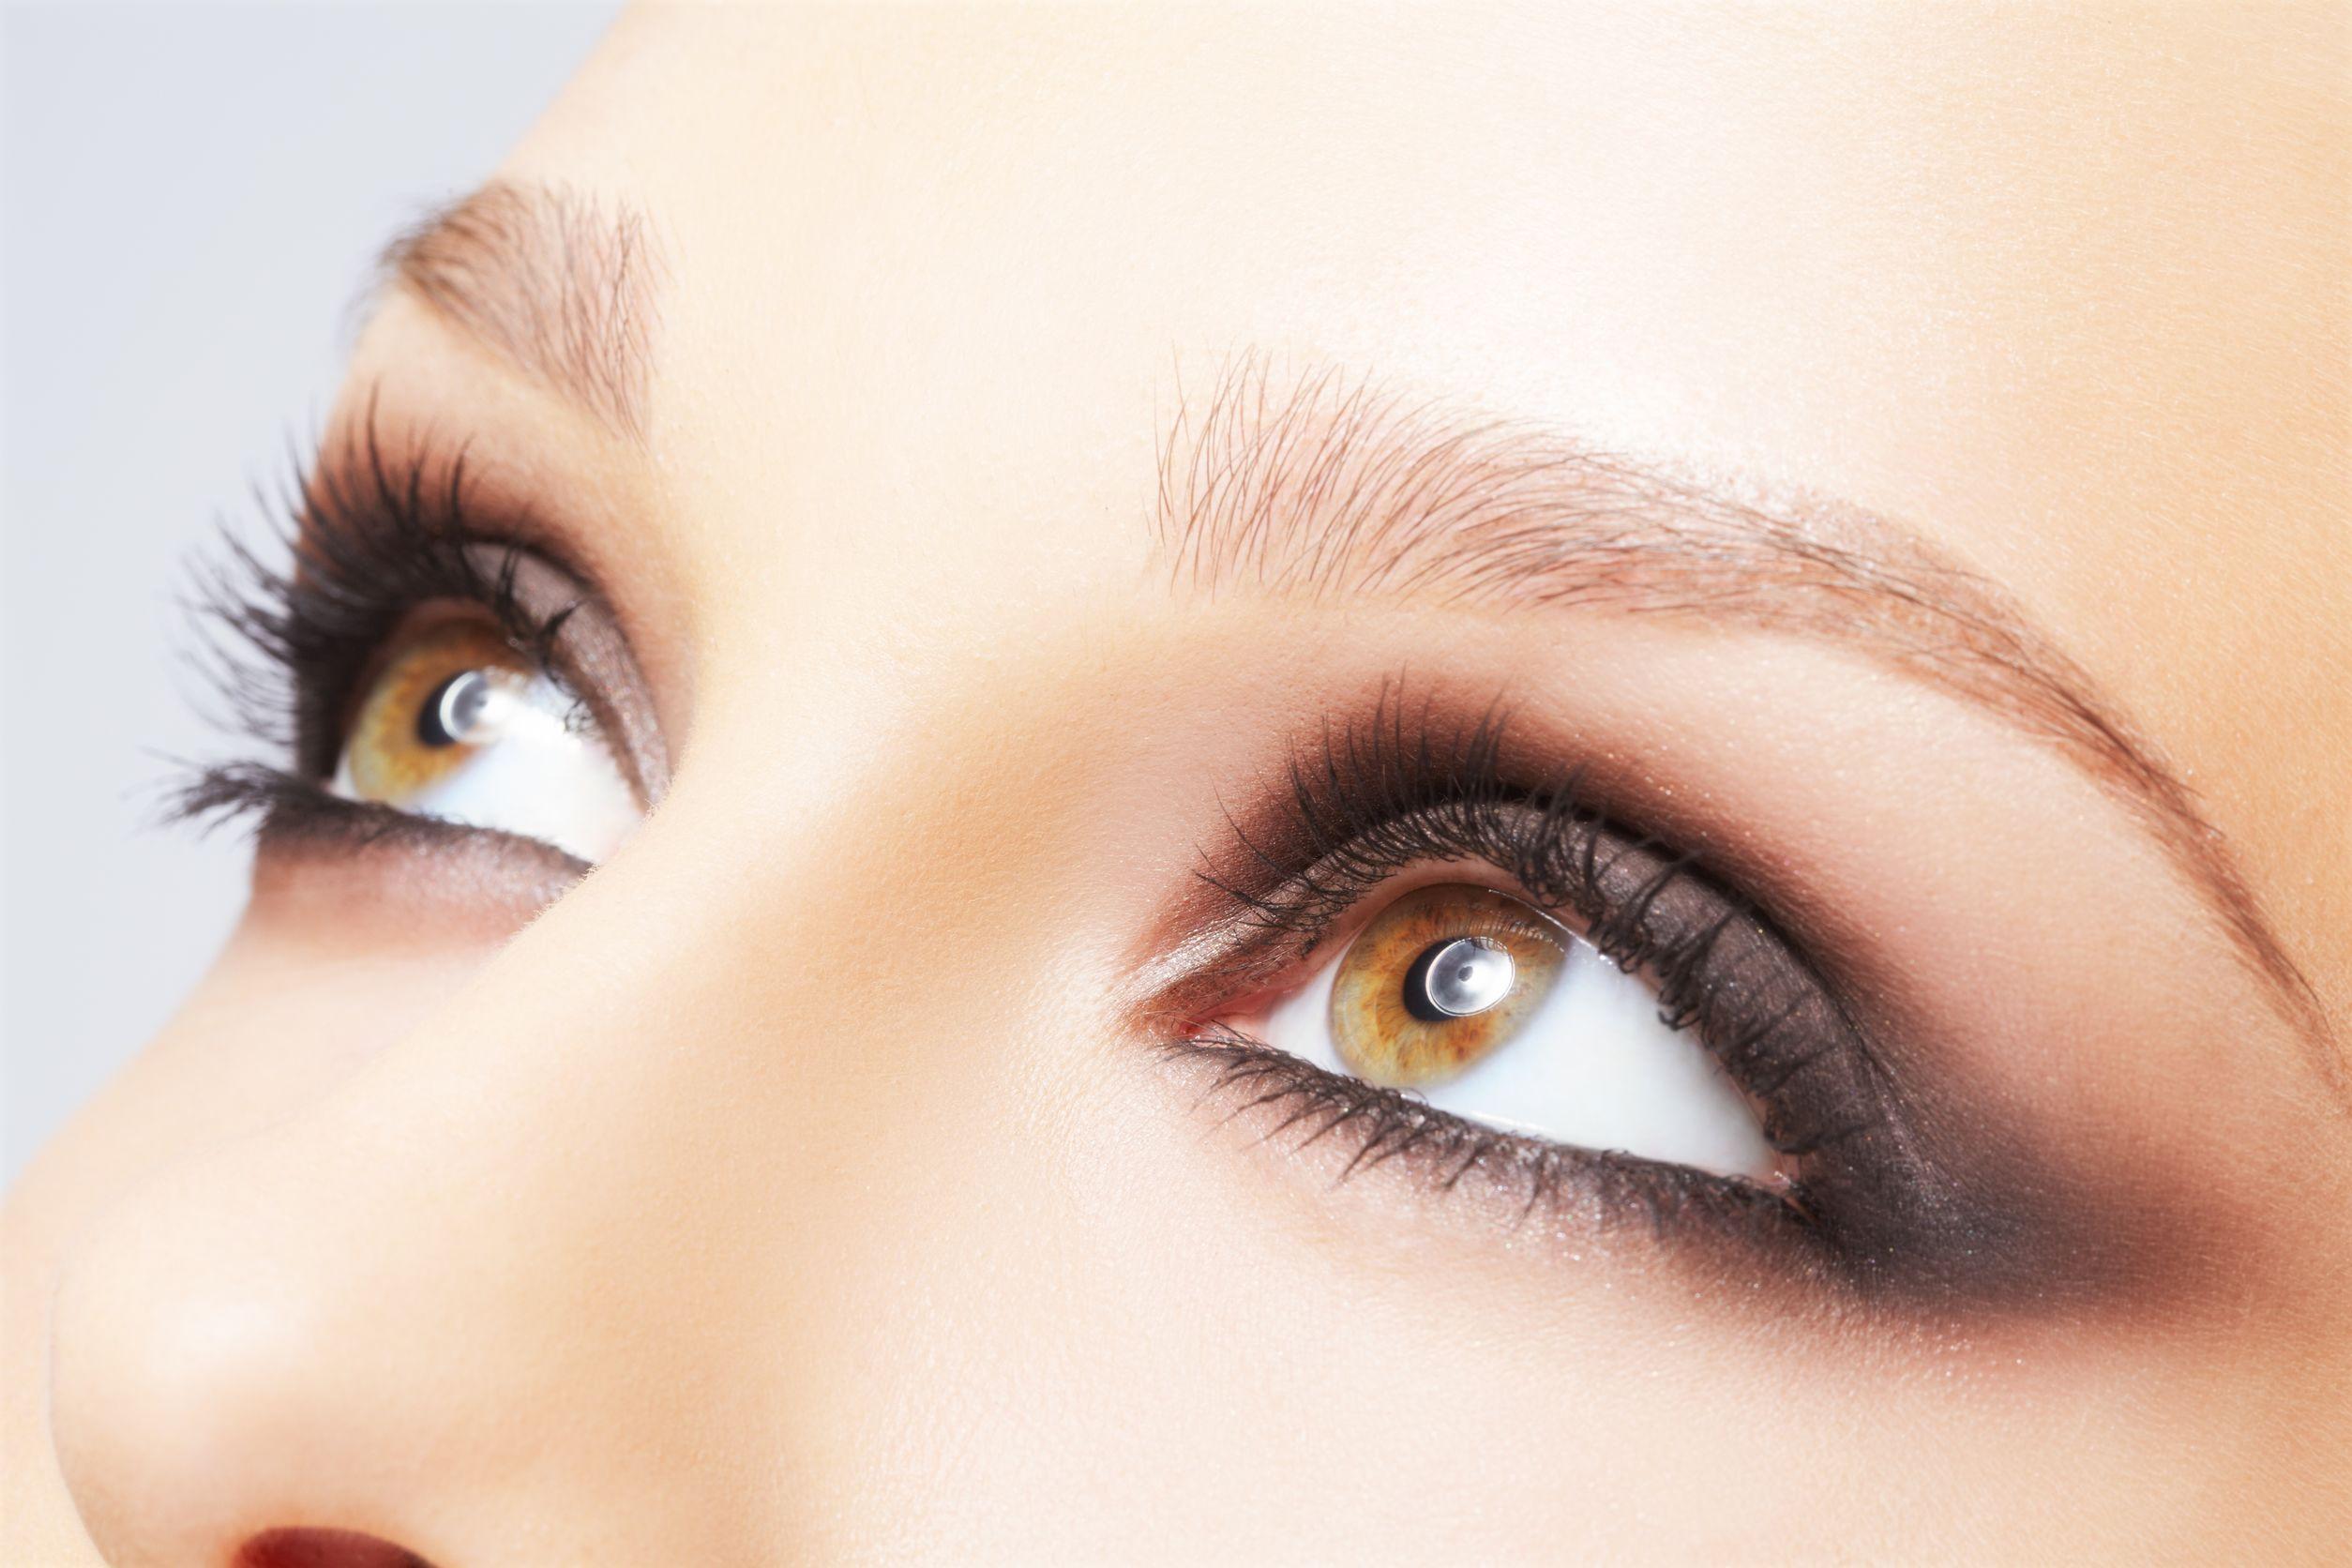 Foto focada nos olhos castanhos de uma mulher, que usa lápis de olho, sombra escura e máscara de cílios.